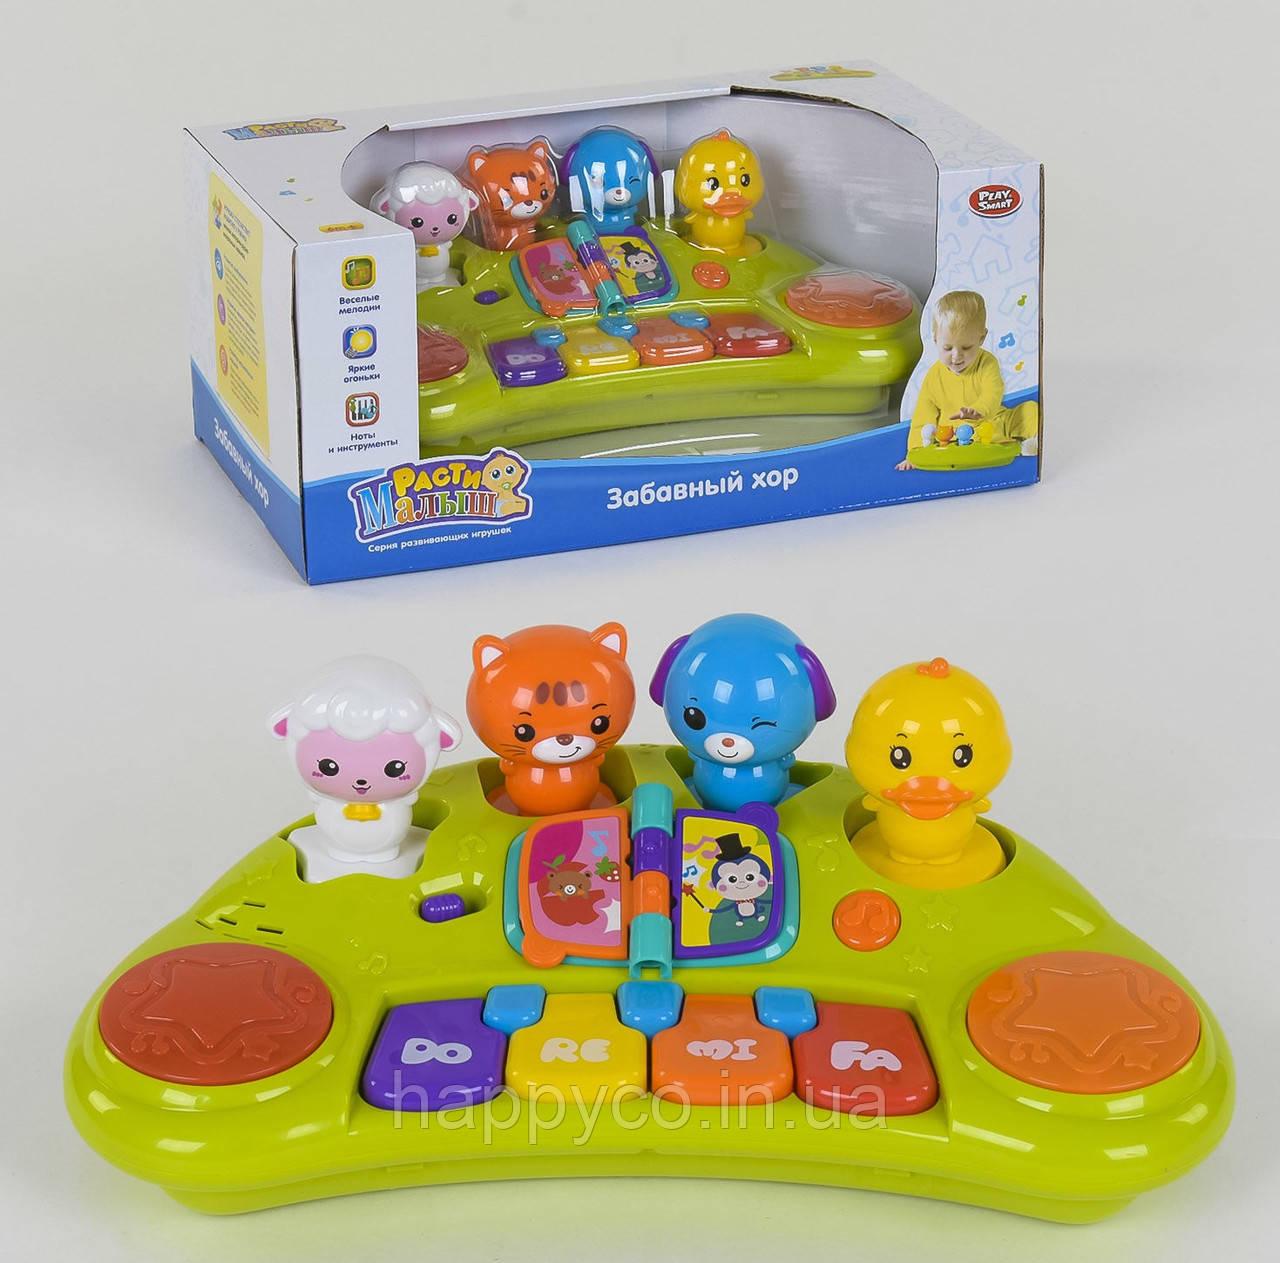 """Пианино """"Забавный хор"""" свет, звук, от  Play Smart, интерактивная детская игрушка( немного надорвана коробка)"""